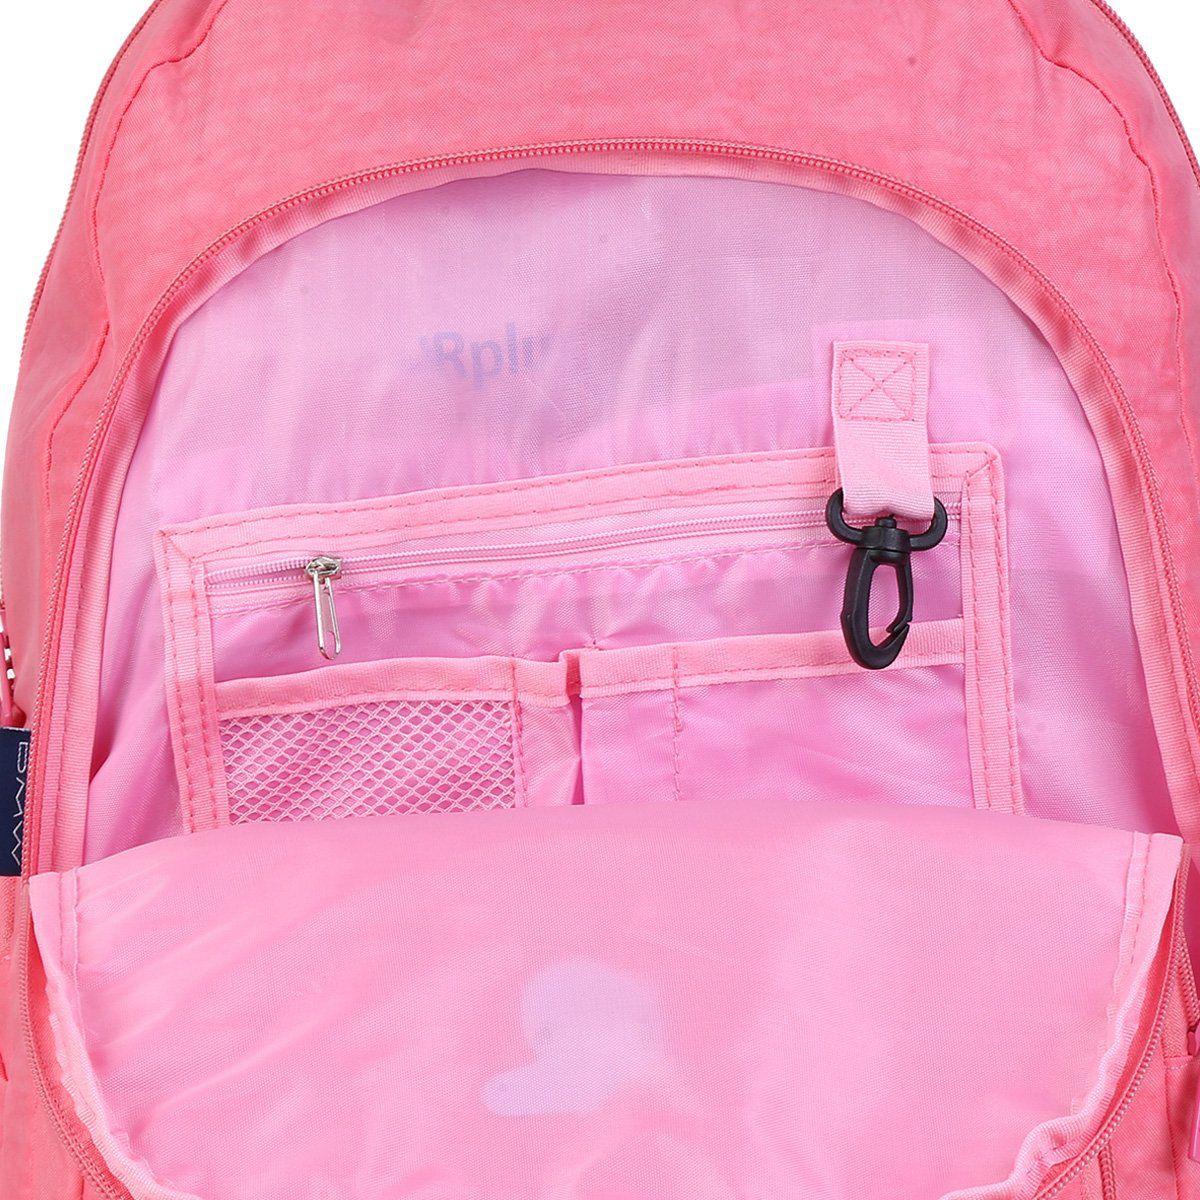 Mochila Capricho Crinkle Pink G 45cm com Rodinhas DMW 11909